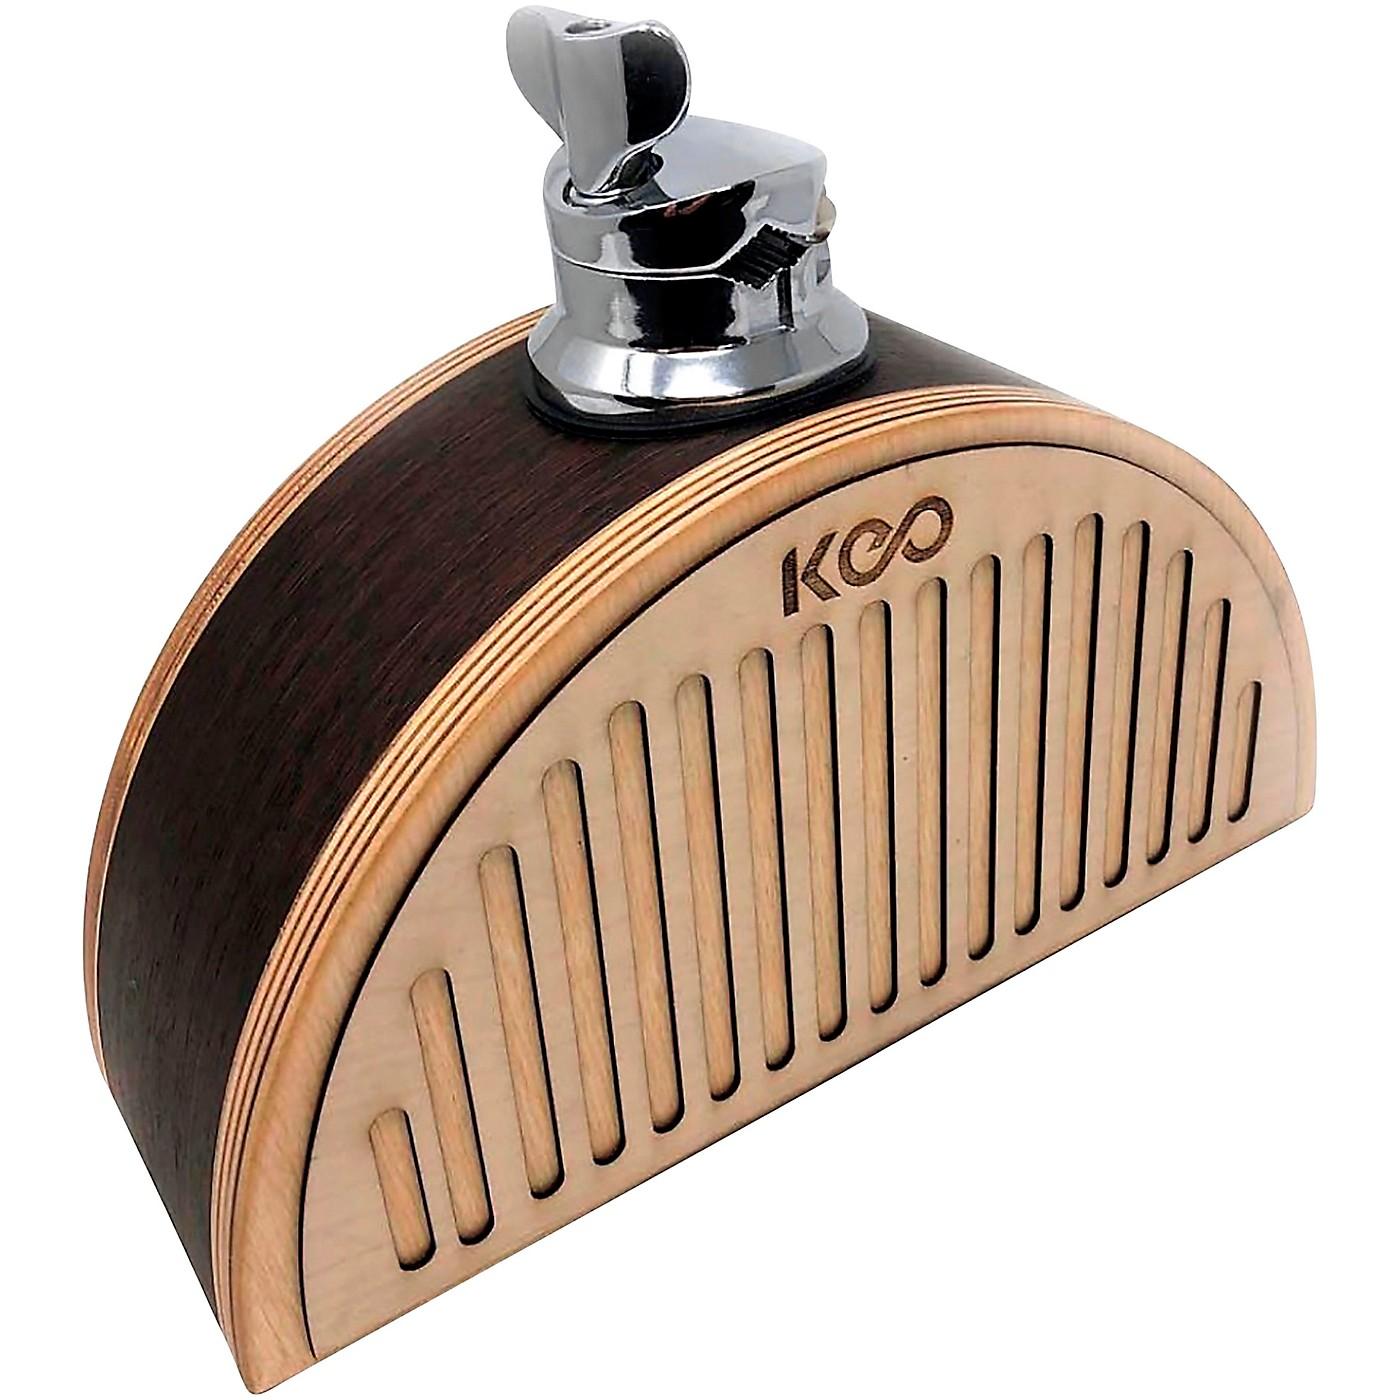 KEO Percussion Wood Block Guiro thumbnail